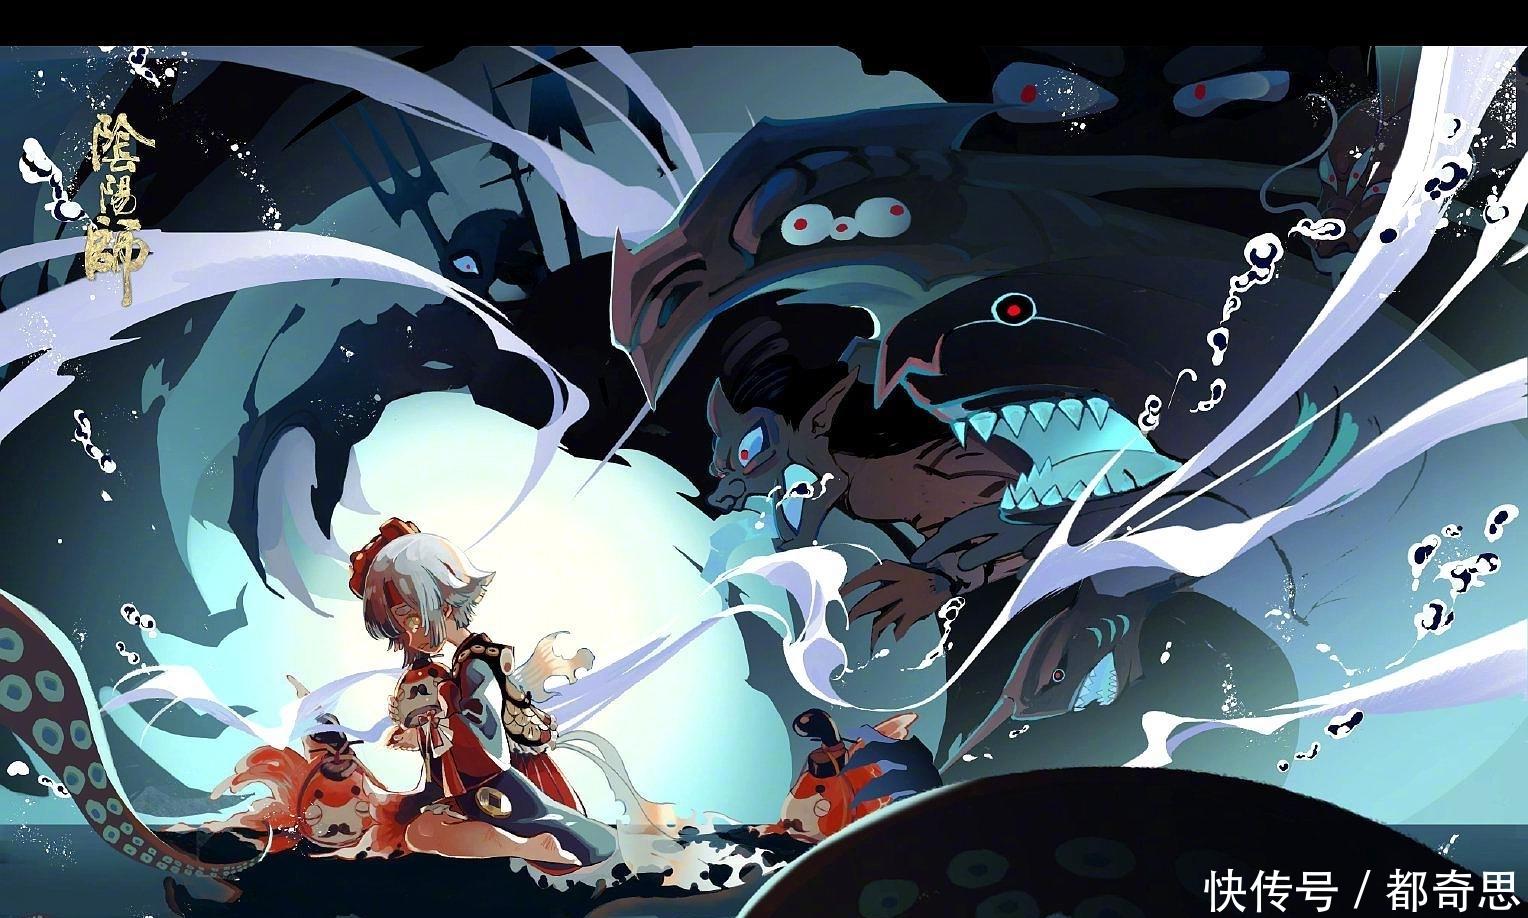 阴阳师:神秘的蓝发少女,让金鱼姬体验一次征服世界的感觉